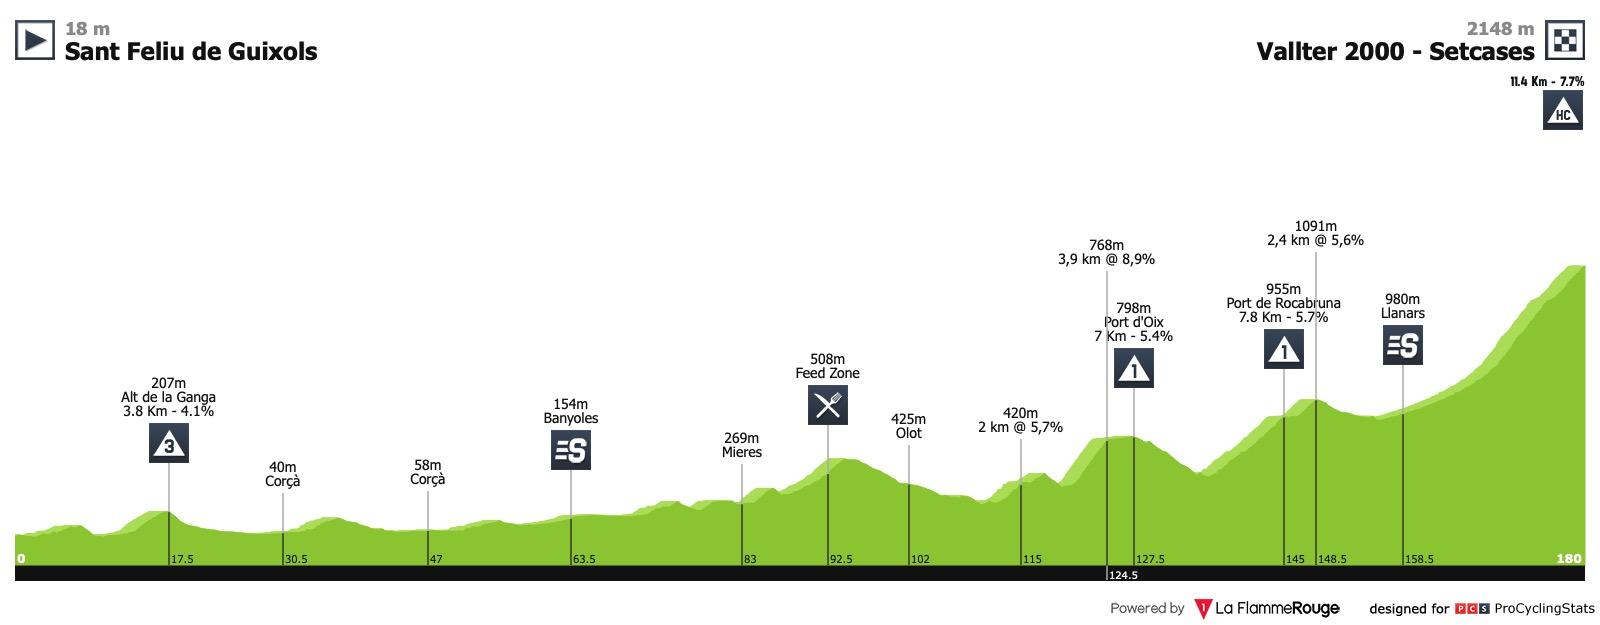 Volta Ciclista a Catalunya (2.HC) du 25 au 31 mars Volta-a-catalunya-2019-stage-3-profile-n2-0fa06b6688